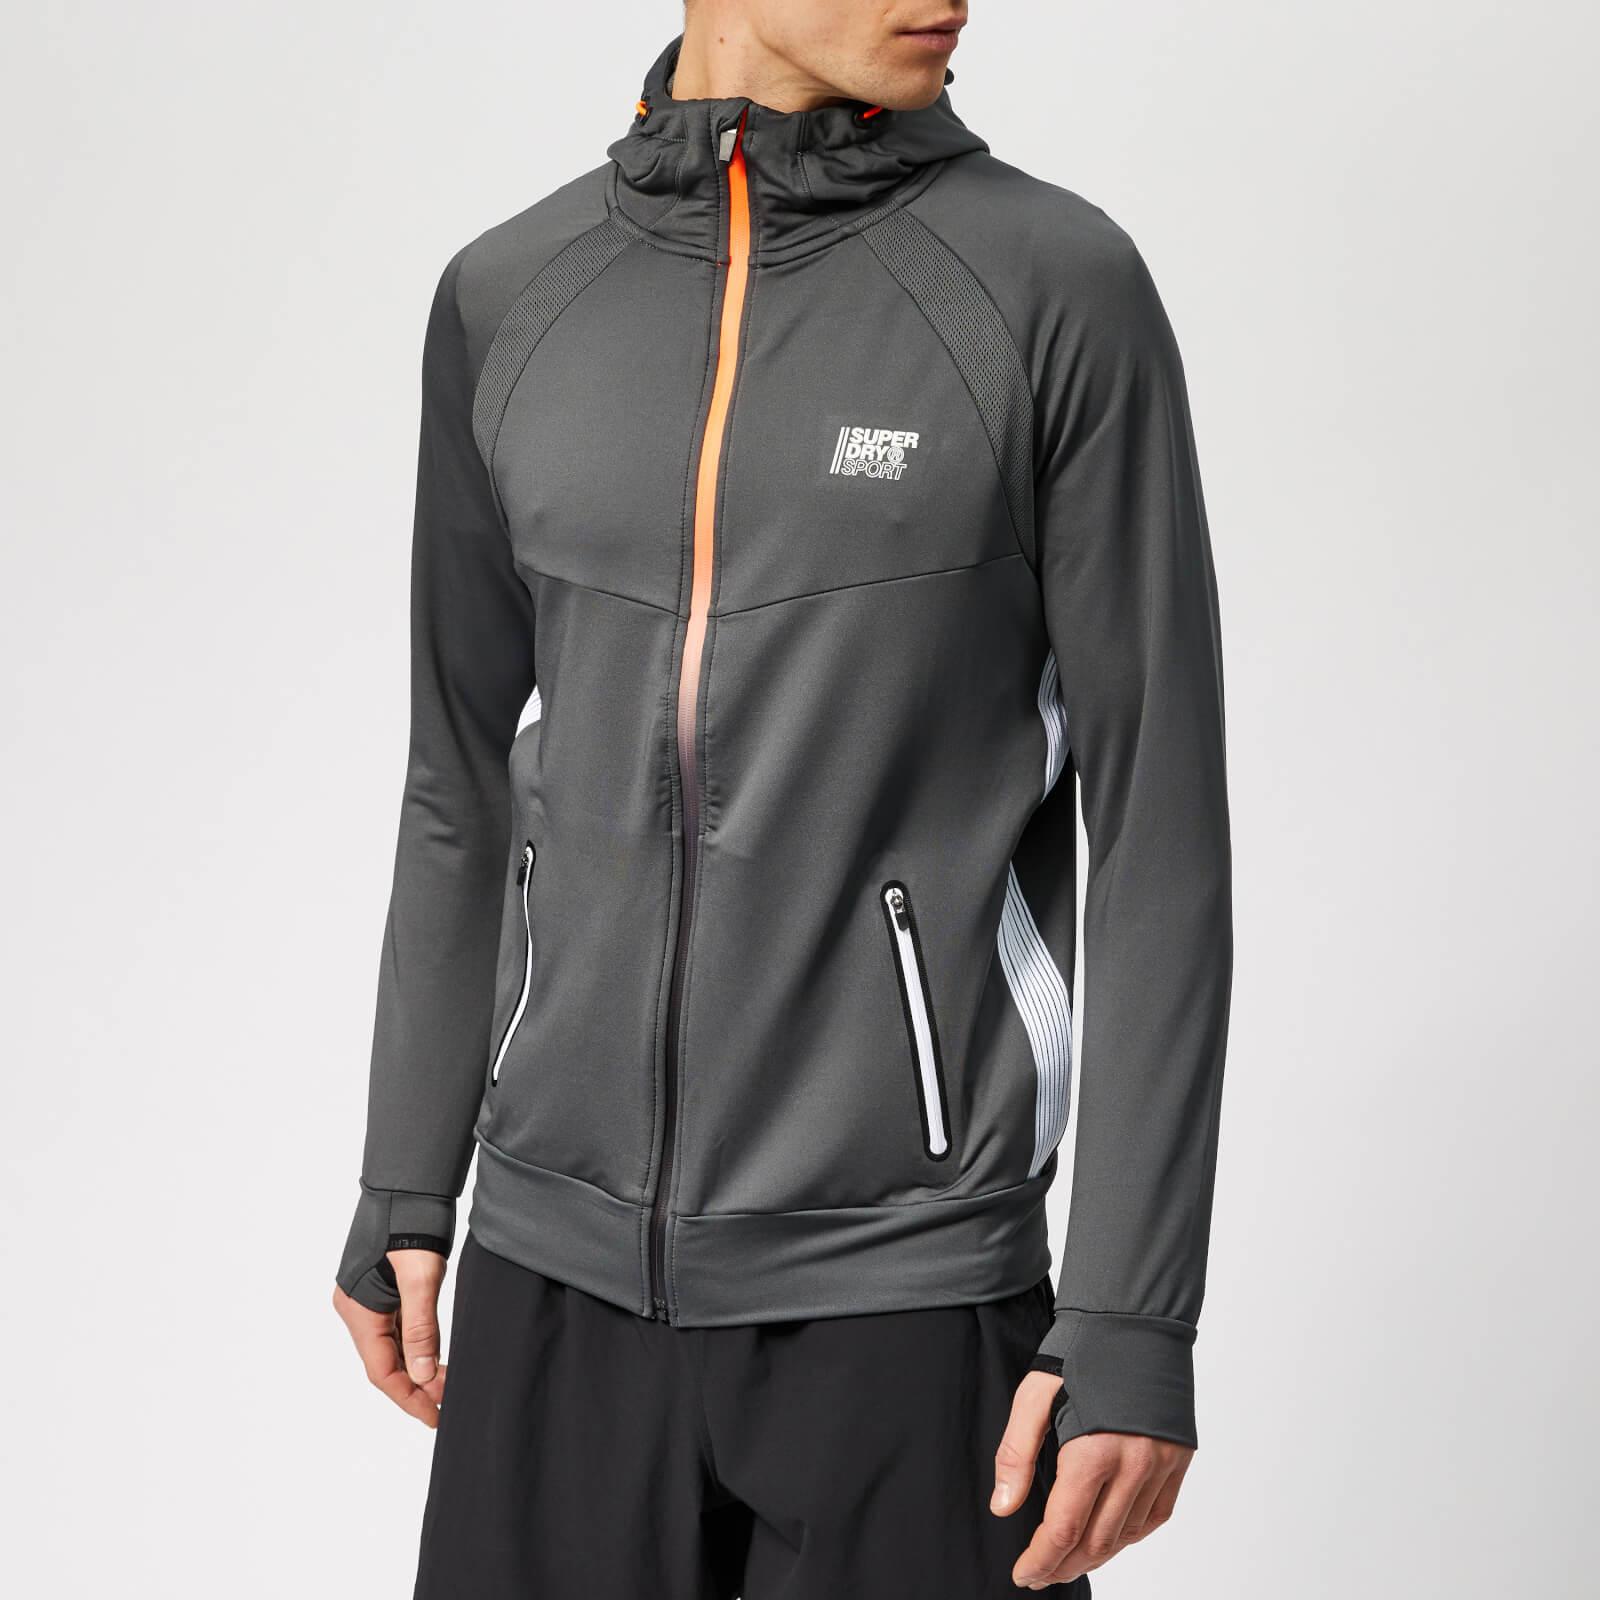 Superdry Sport Men's Active Training Zip Hoody - Cool Olive - S - Grey